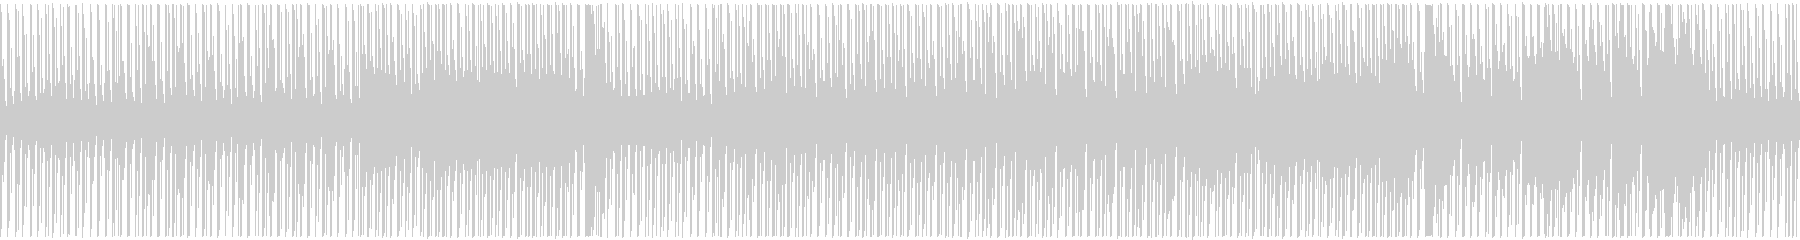 のしのし進む、穏やかで明るめのBGMの未再生の波形